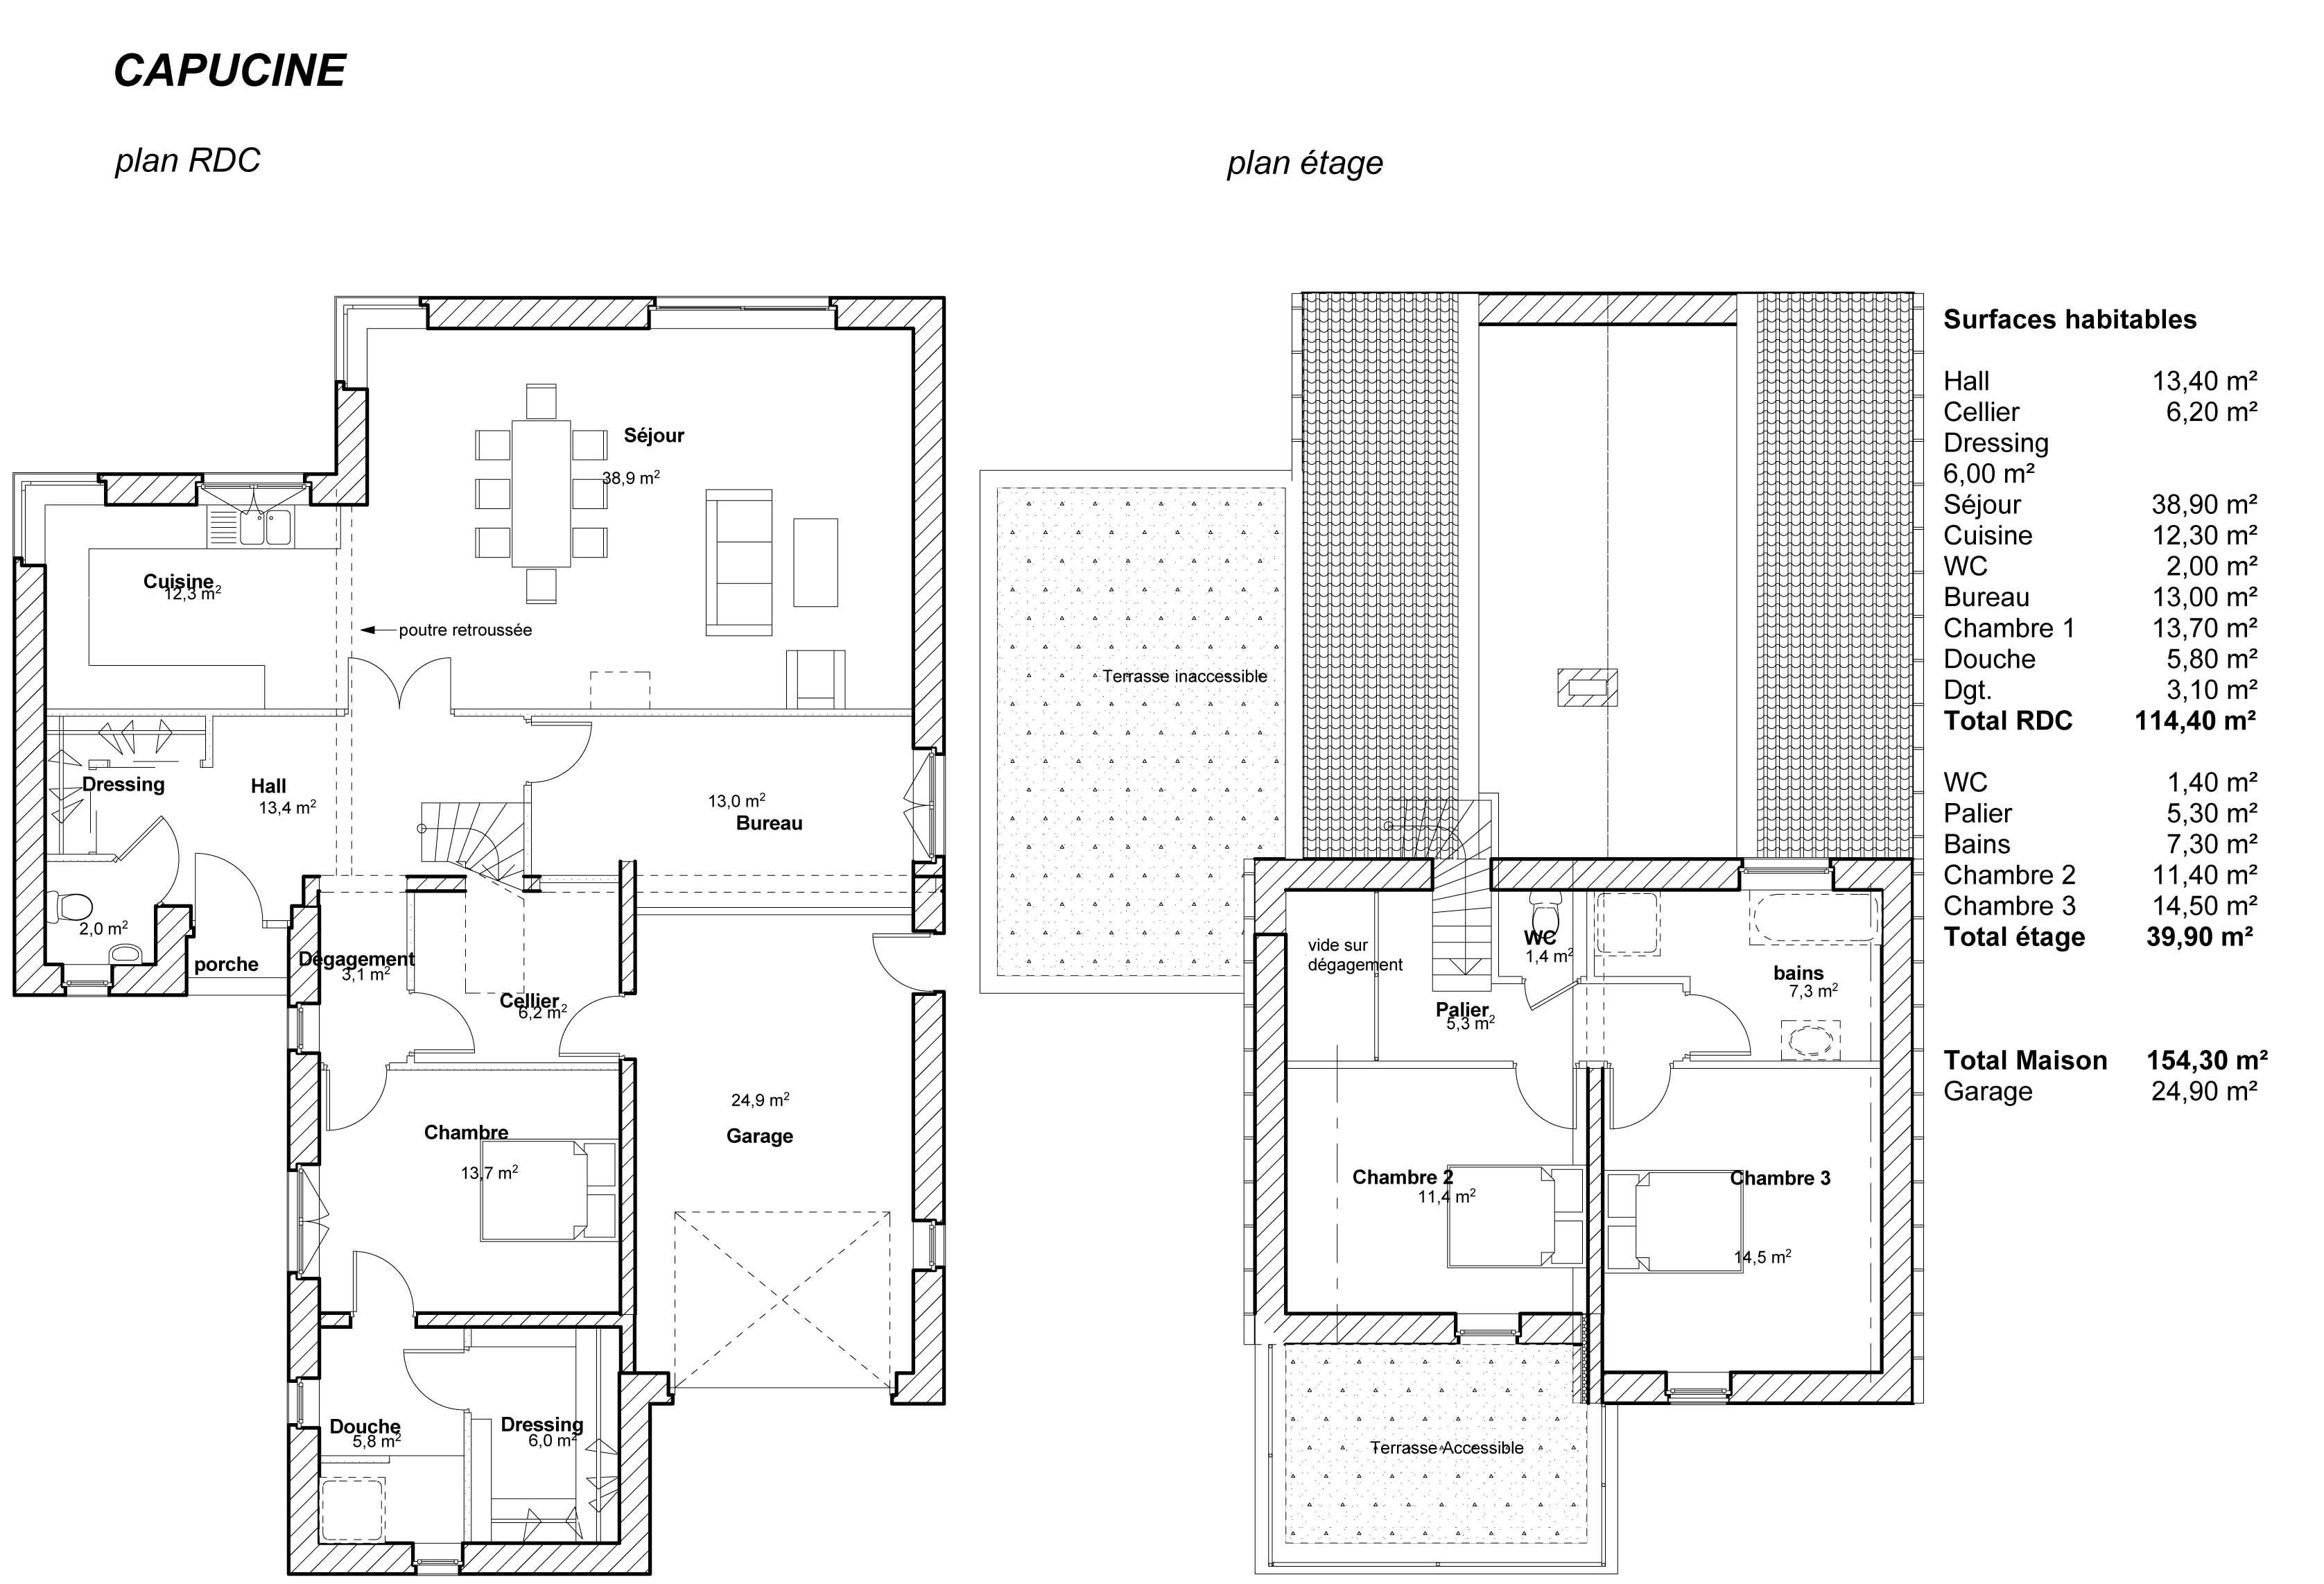 modle capucine plan de maison capucine - Modele De Plan De Construction Maison Gratuit